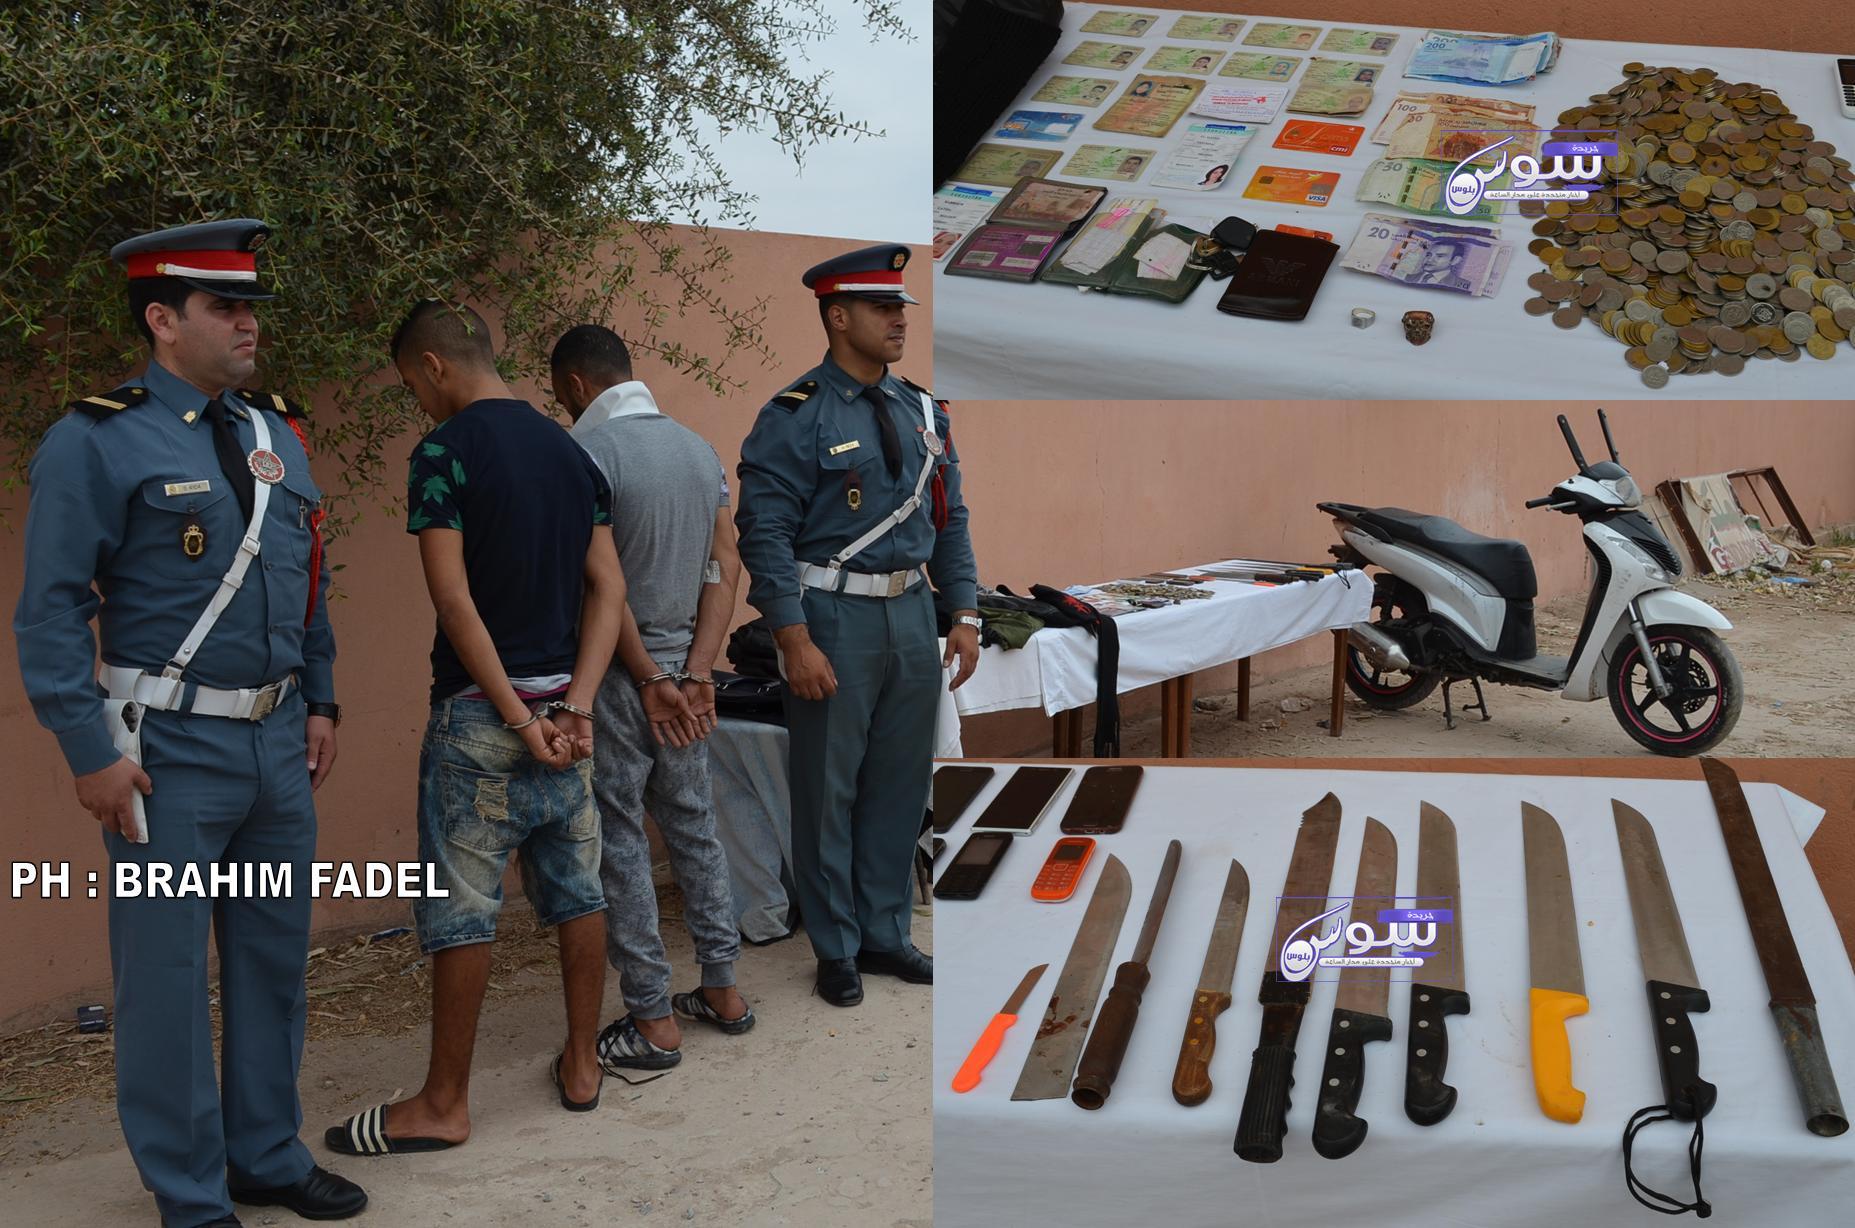 عاجل من القليعة: بعد مقتل رئيس العصابة بالرصاص الدرك يقدم الفارين ويحجز سيوف و ..